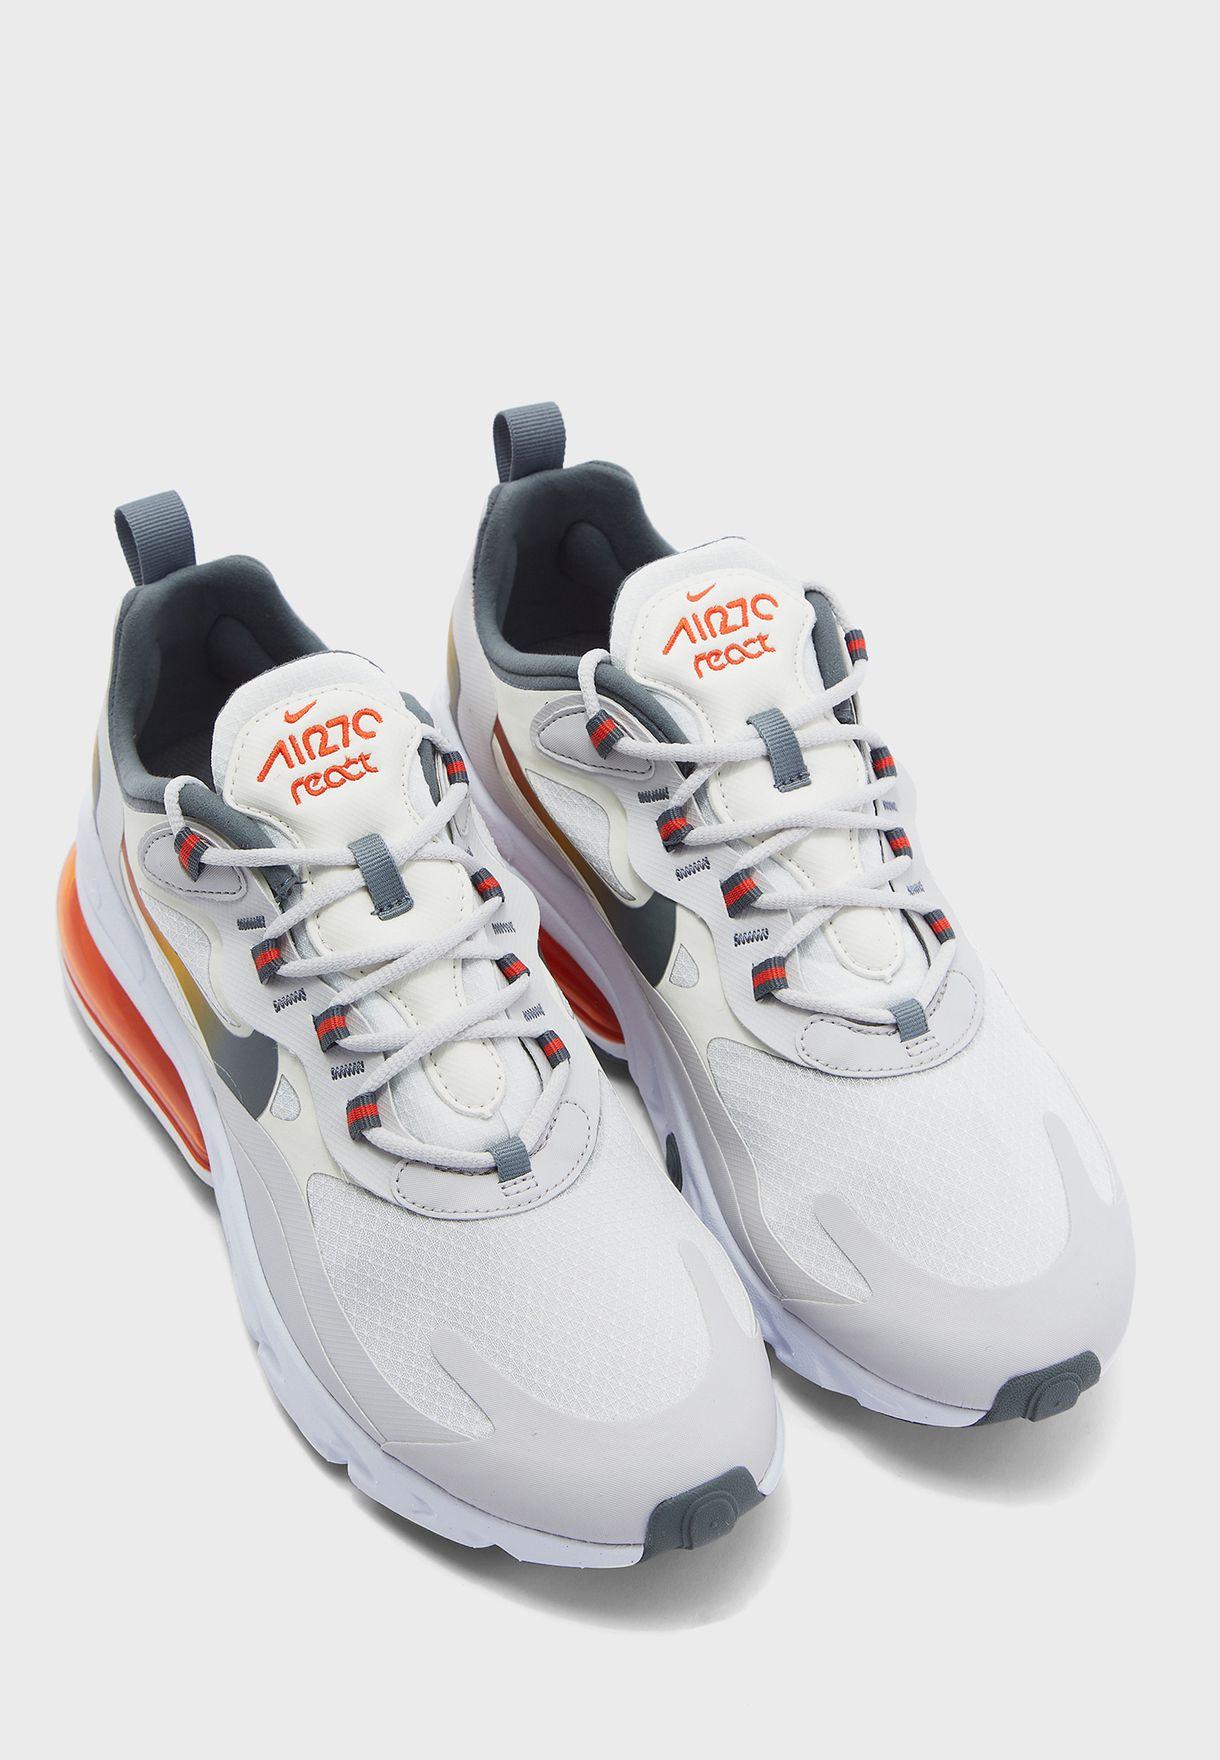 حذاء اير ماكس 270 ري آكت اس اي